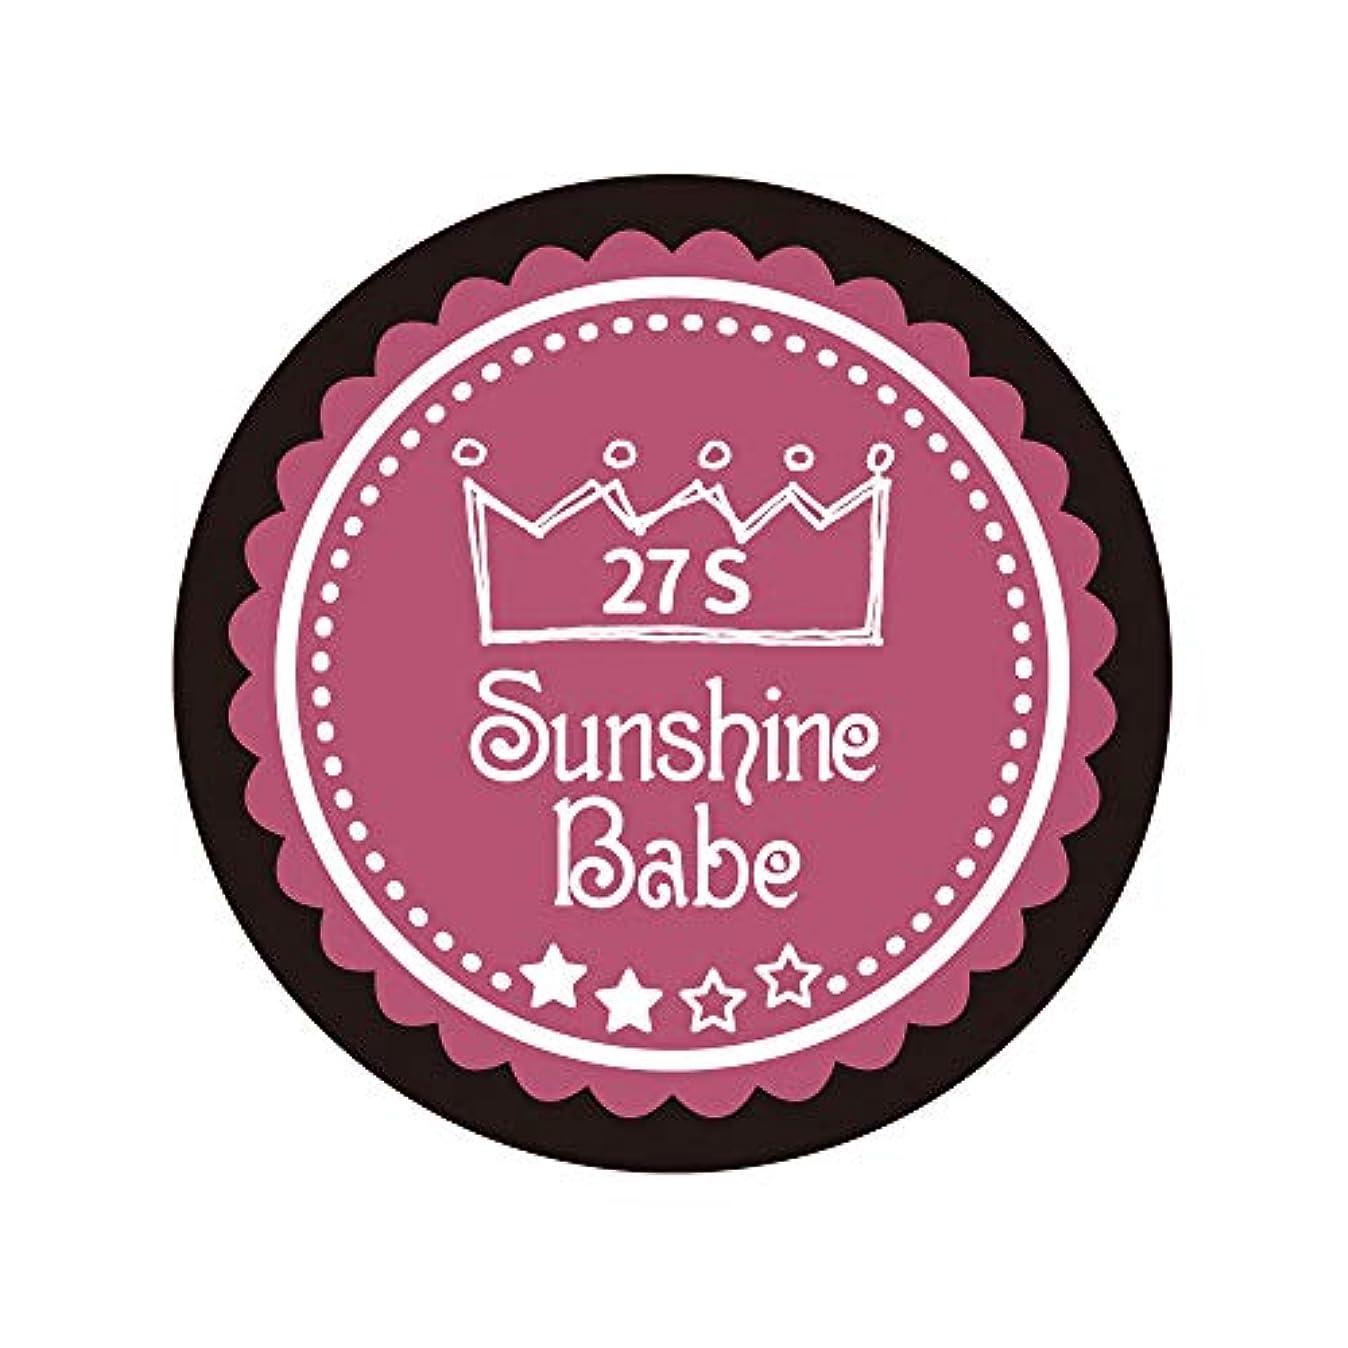 外交矢使役Sunshine Babe カラージェル 27S プアゾン 2.7g UV/LED対応